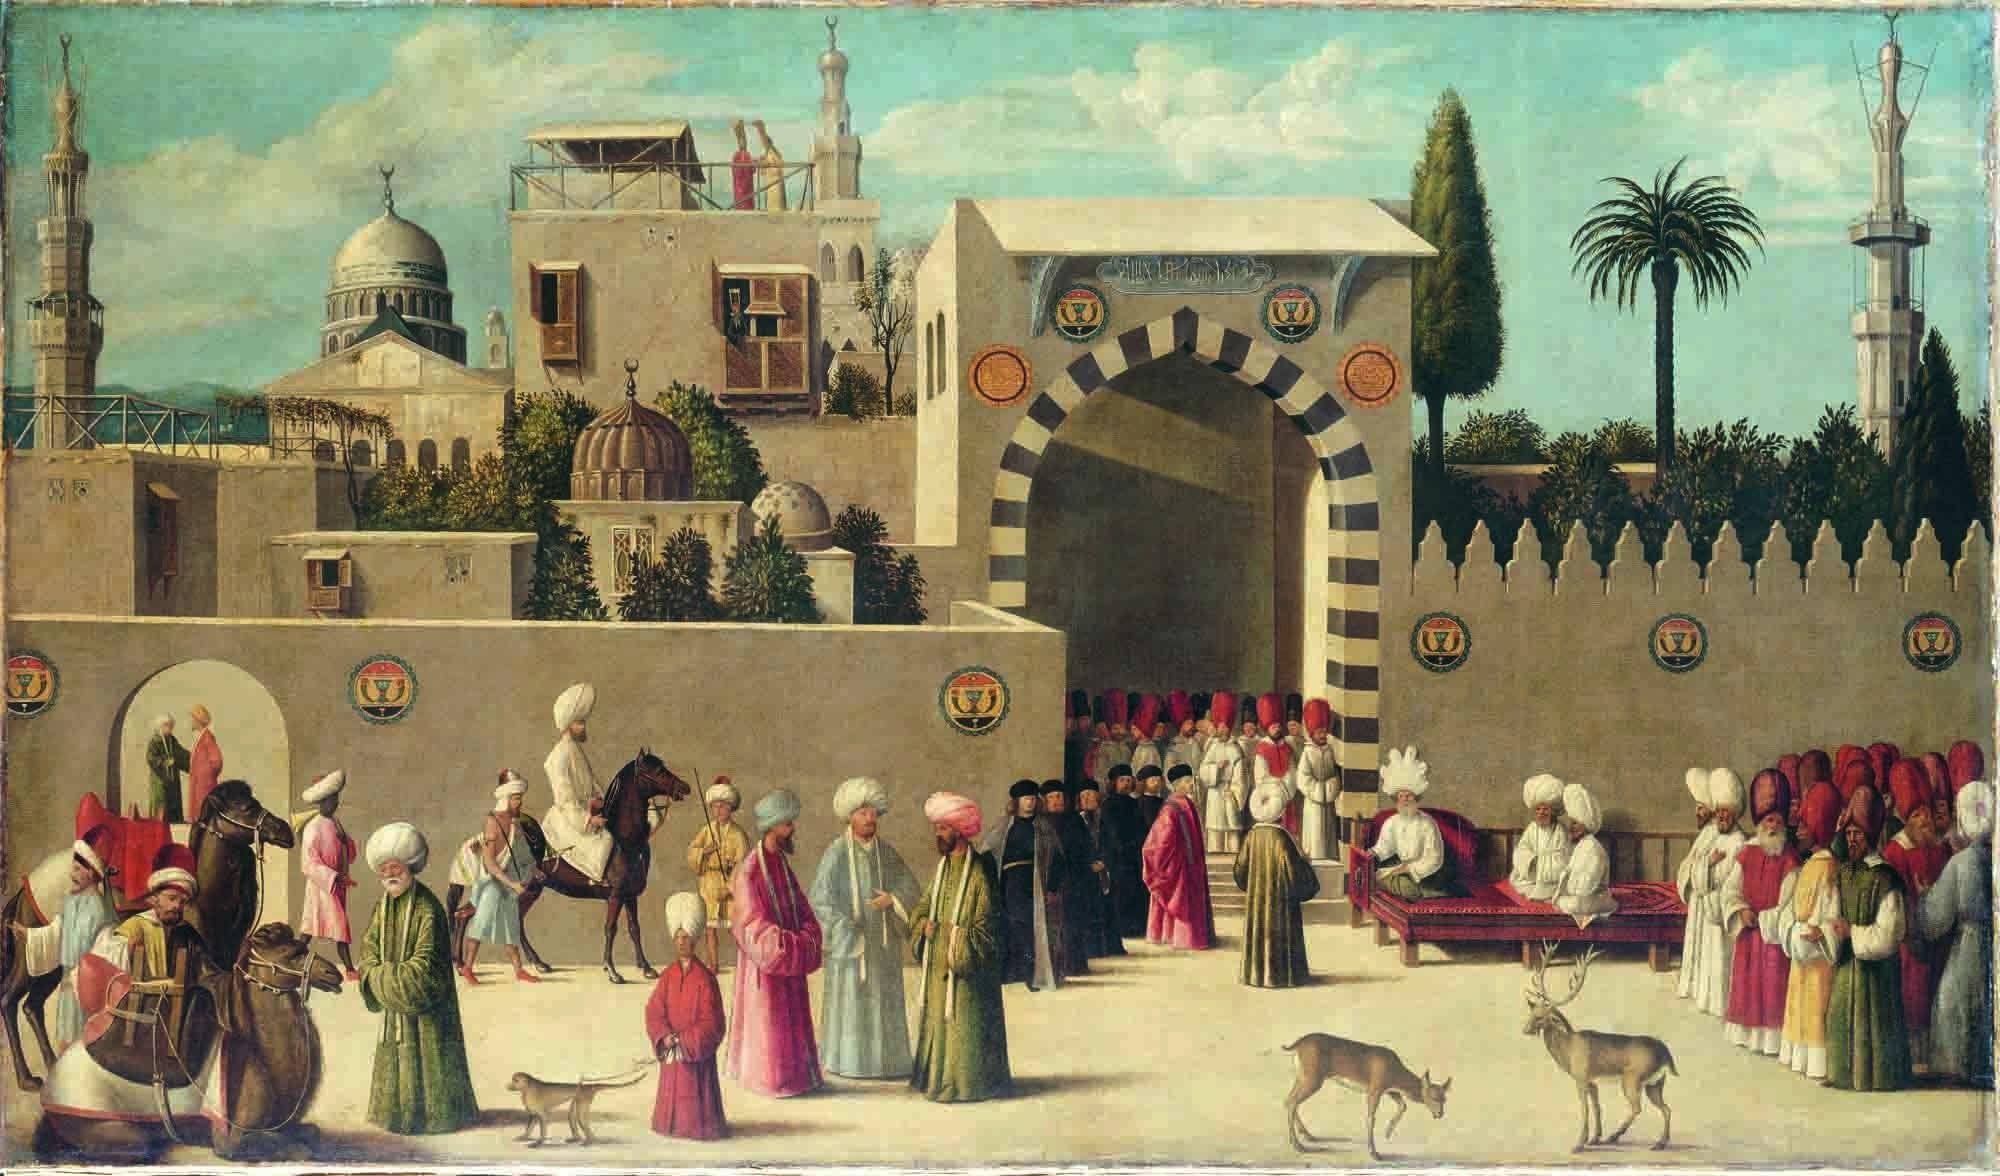 искусство в аравии 10 век телефоны, часы работы